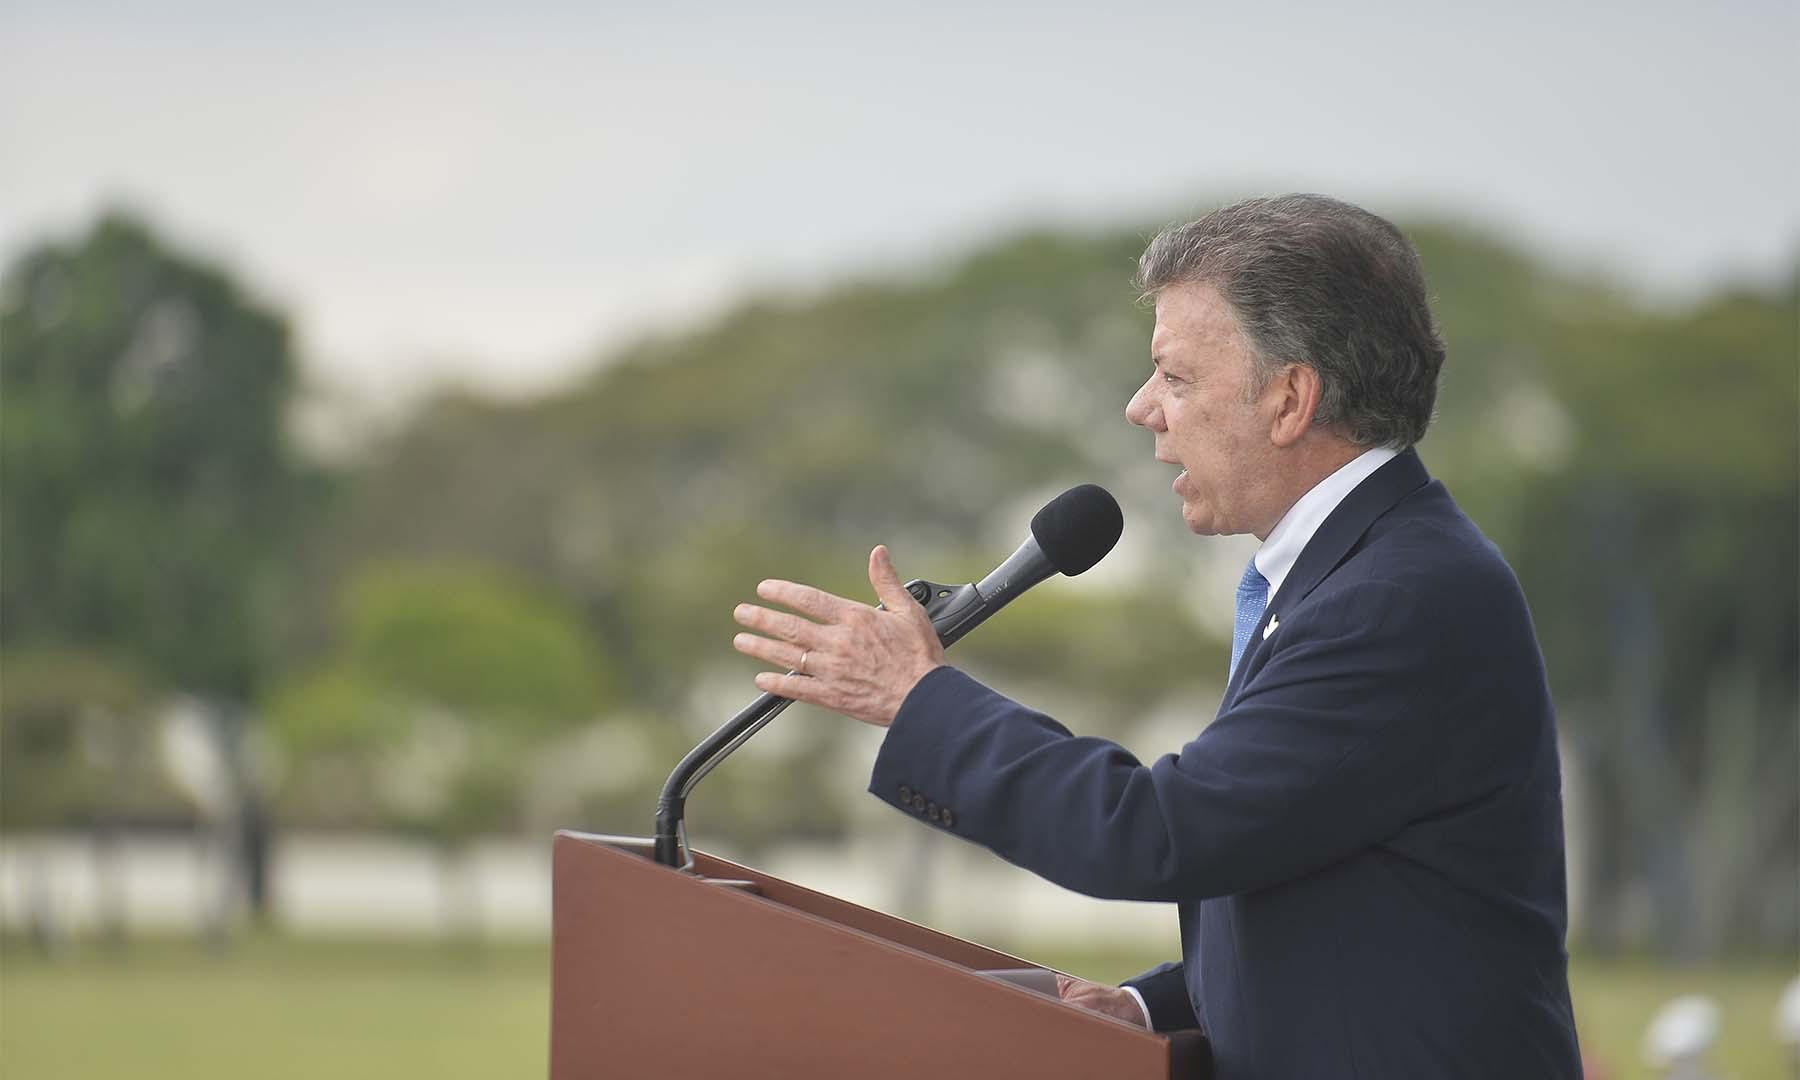 """""""Subtenientes: nunca olvidarán que se graduaron en el primer día de paz en Colombia"""", dijo el Presidente Santos durante la ceremonia de ascensos de la Fuerza Aérea Colombiana (FAC)."""